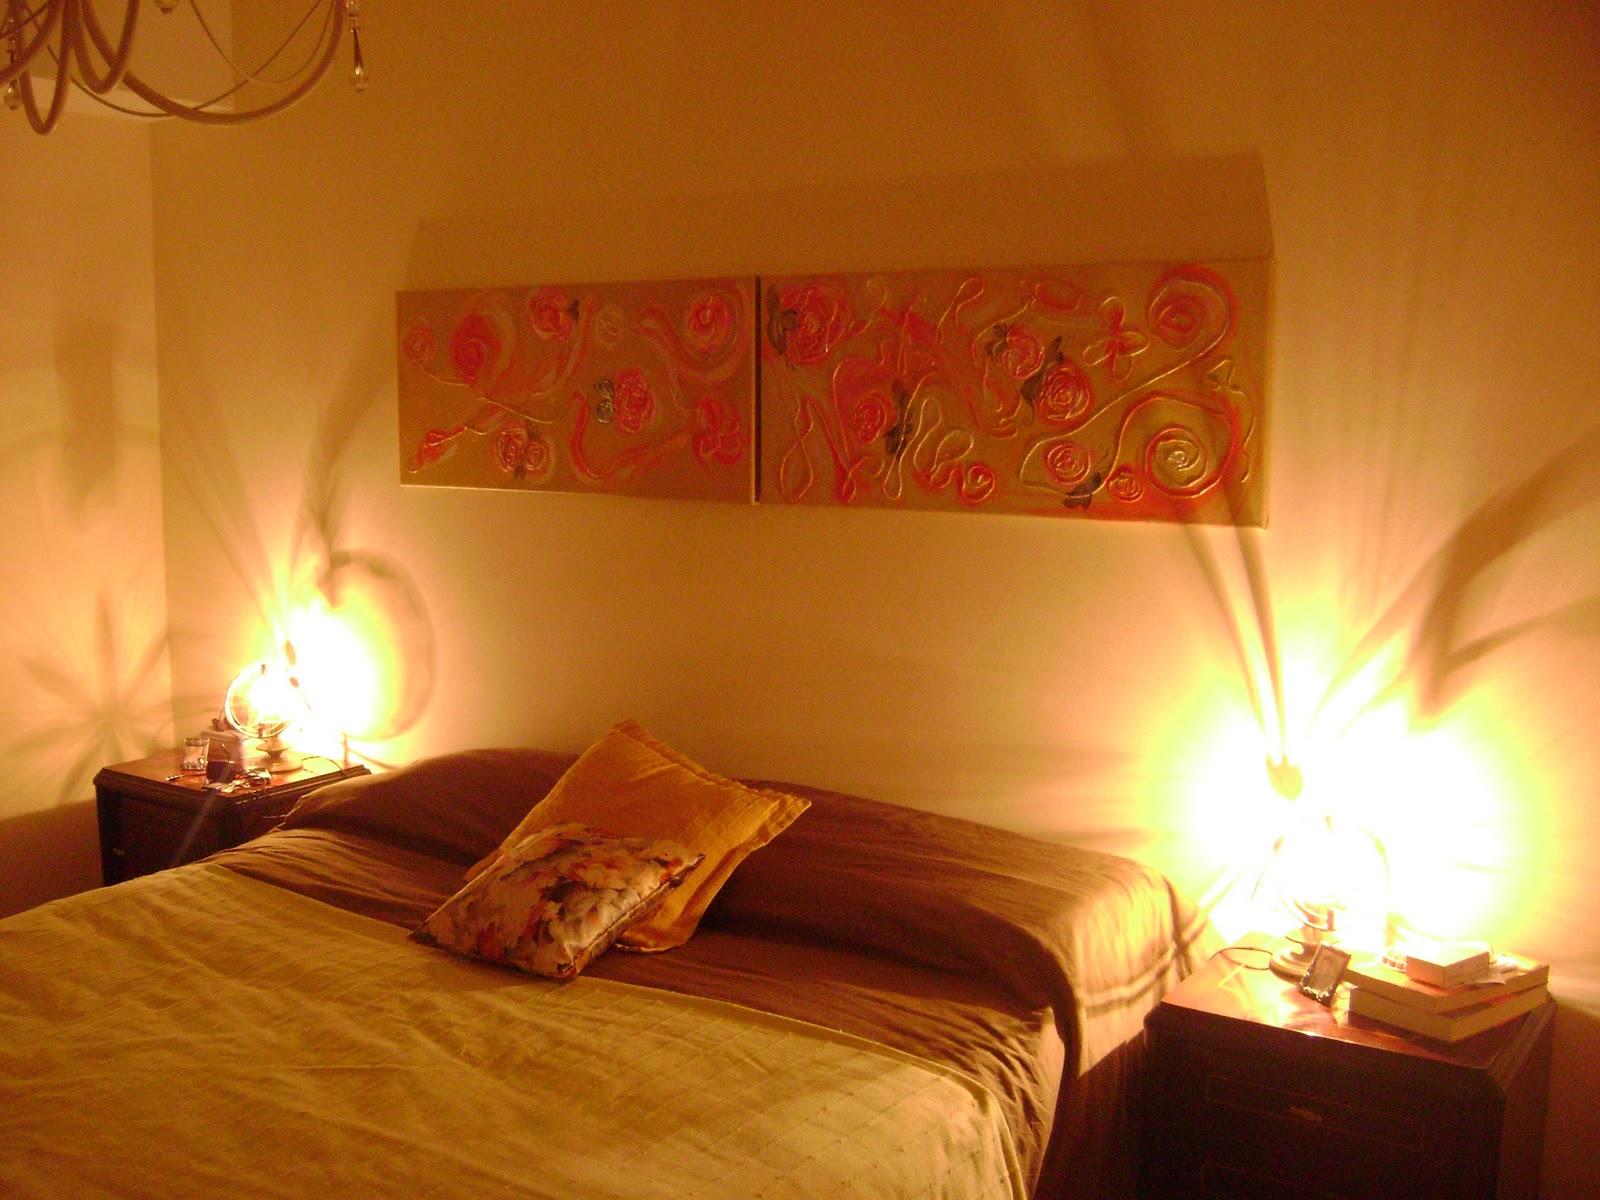 Espacio en construcci n colores c lidos - Dormitorios colores calidos ...